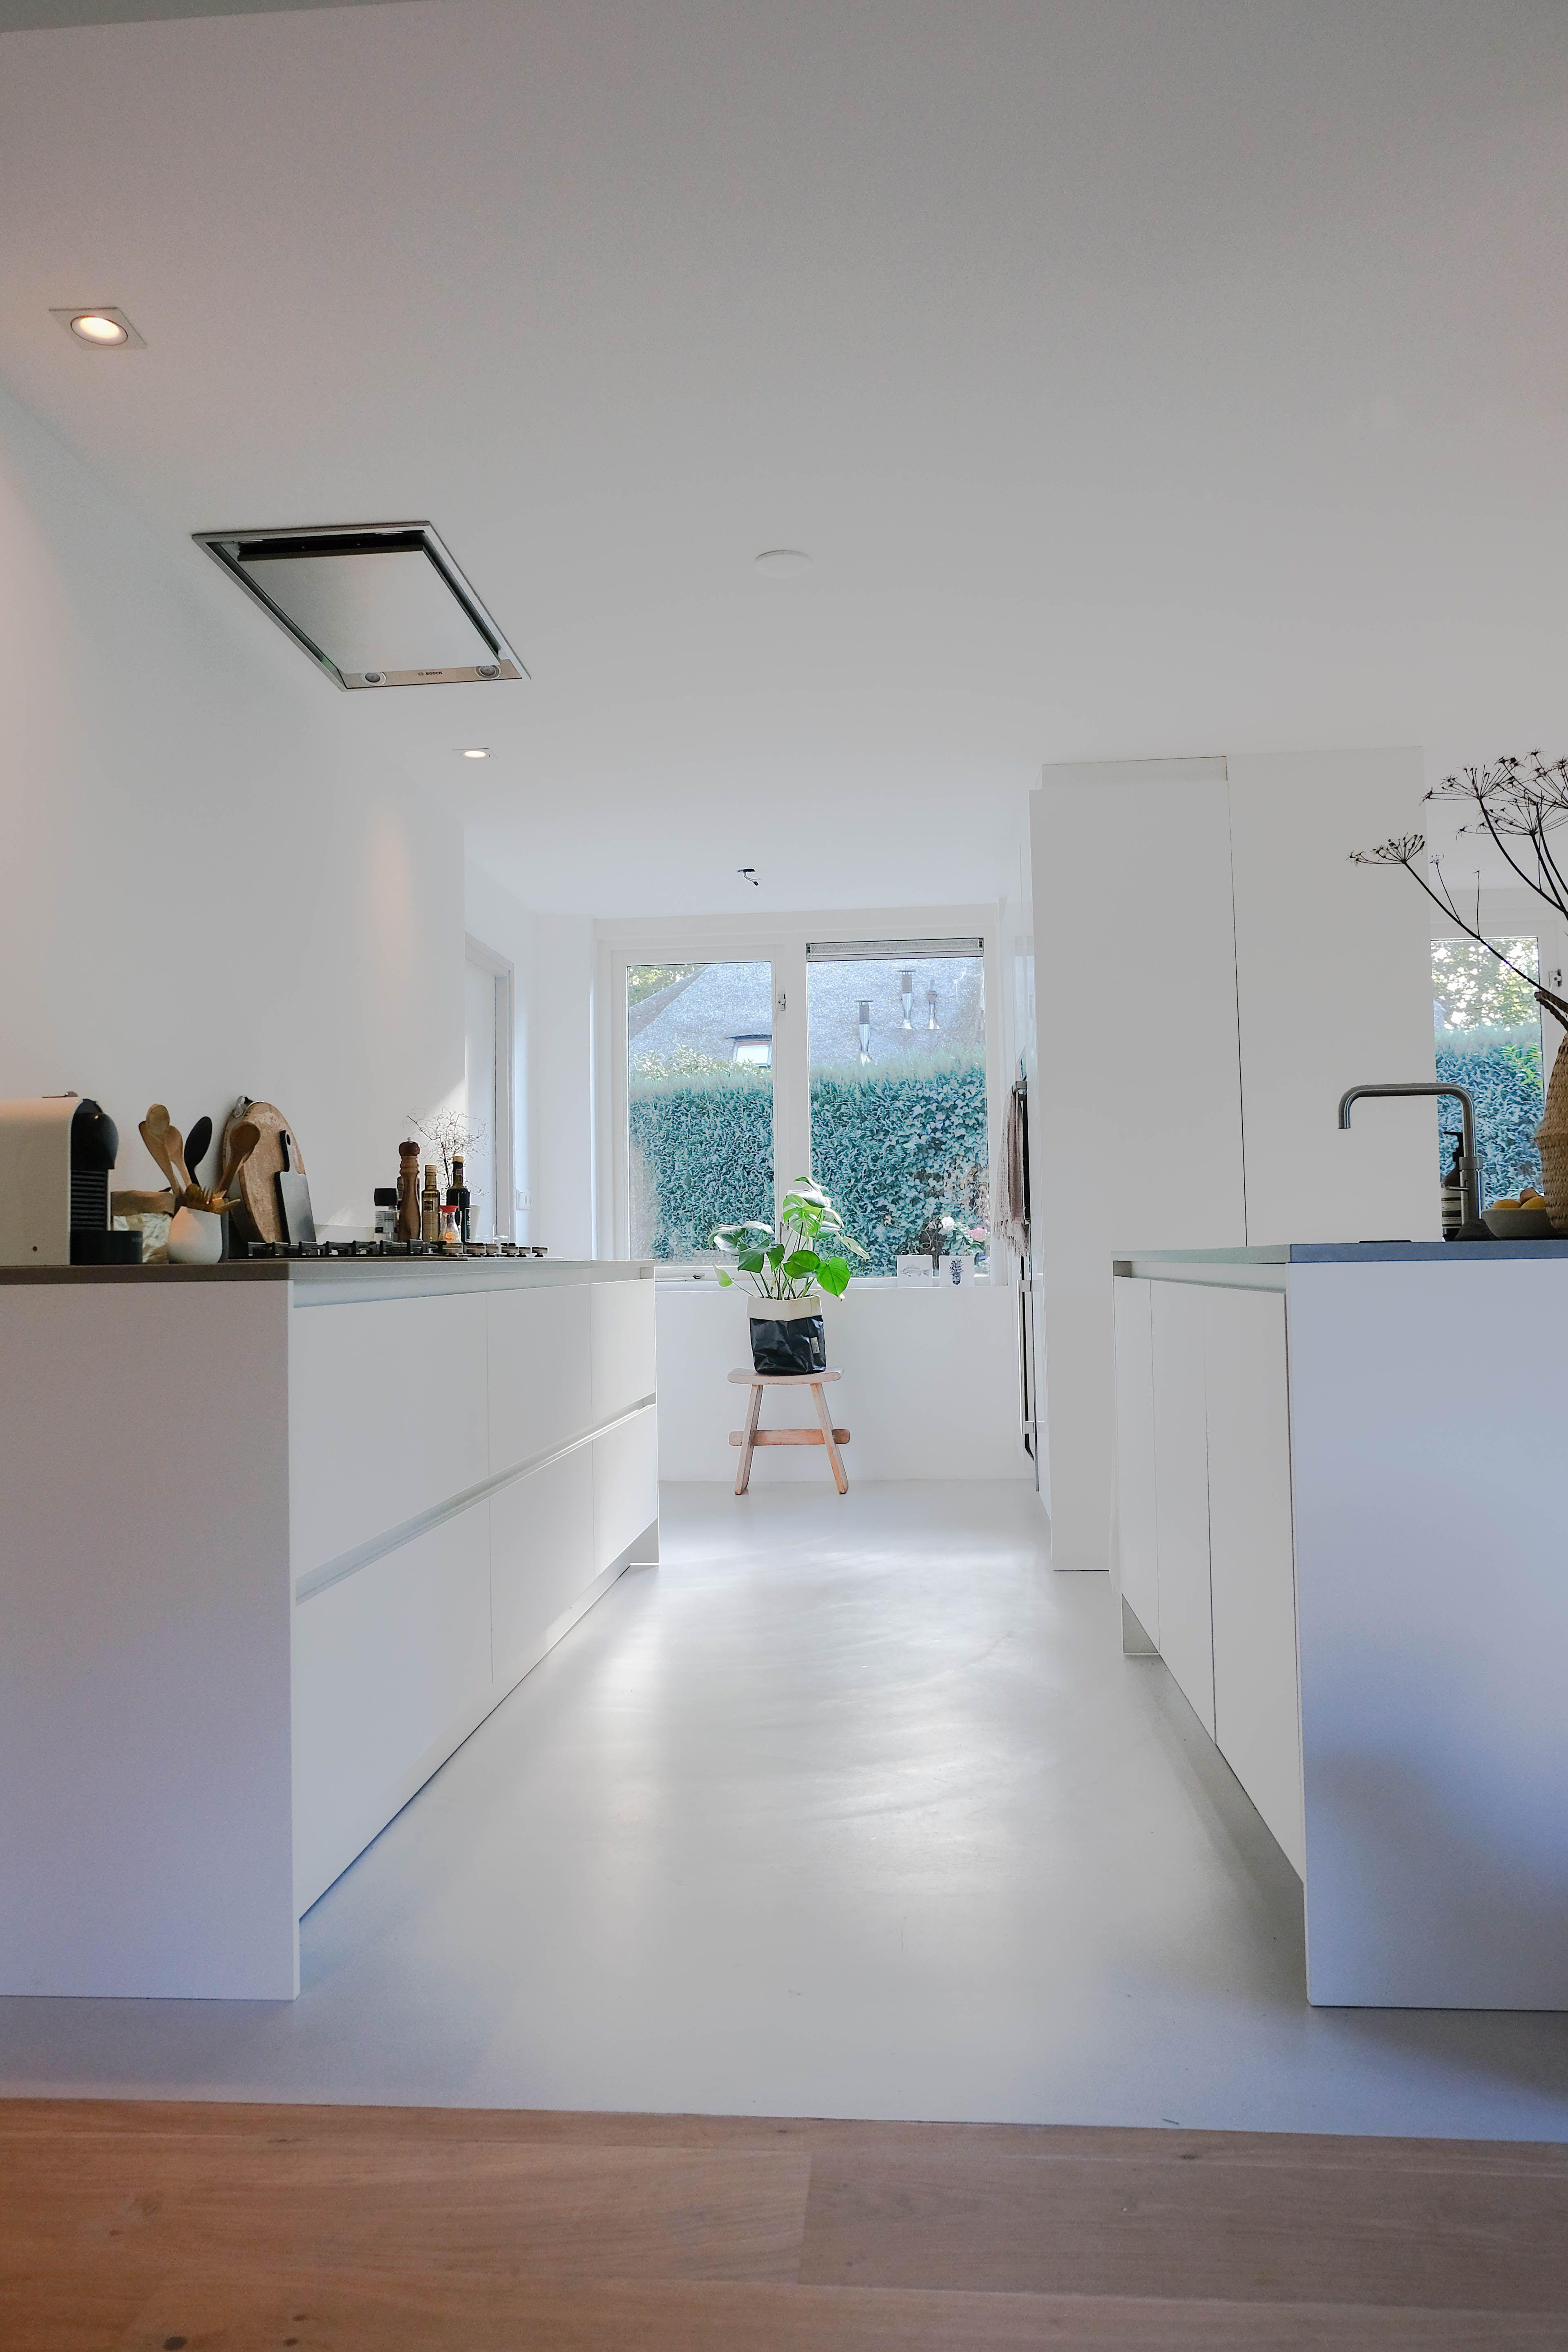 Spiksplinternieuw Stone Gietvloeren | Open keuken en woonkamer, Keuken vloeren BQ-87